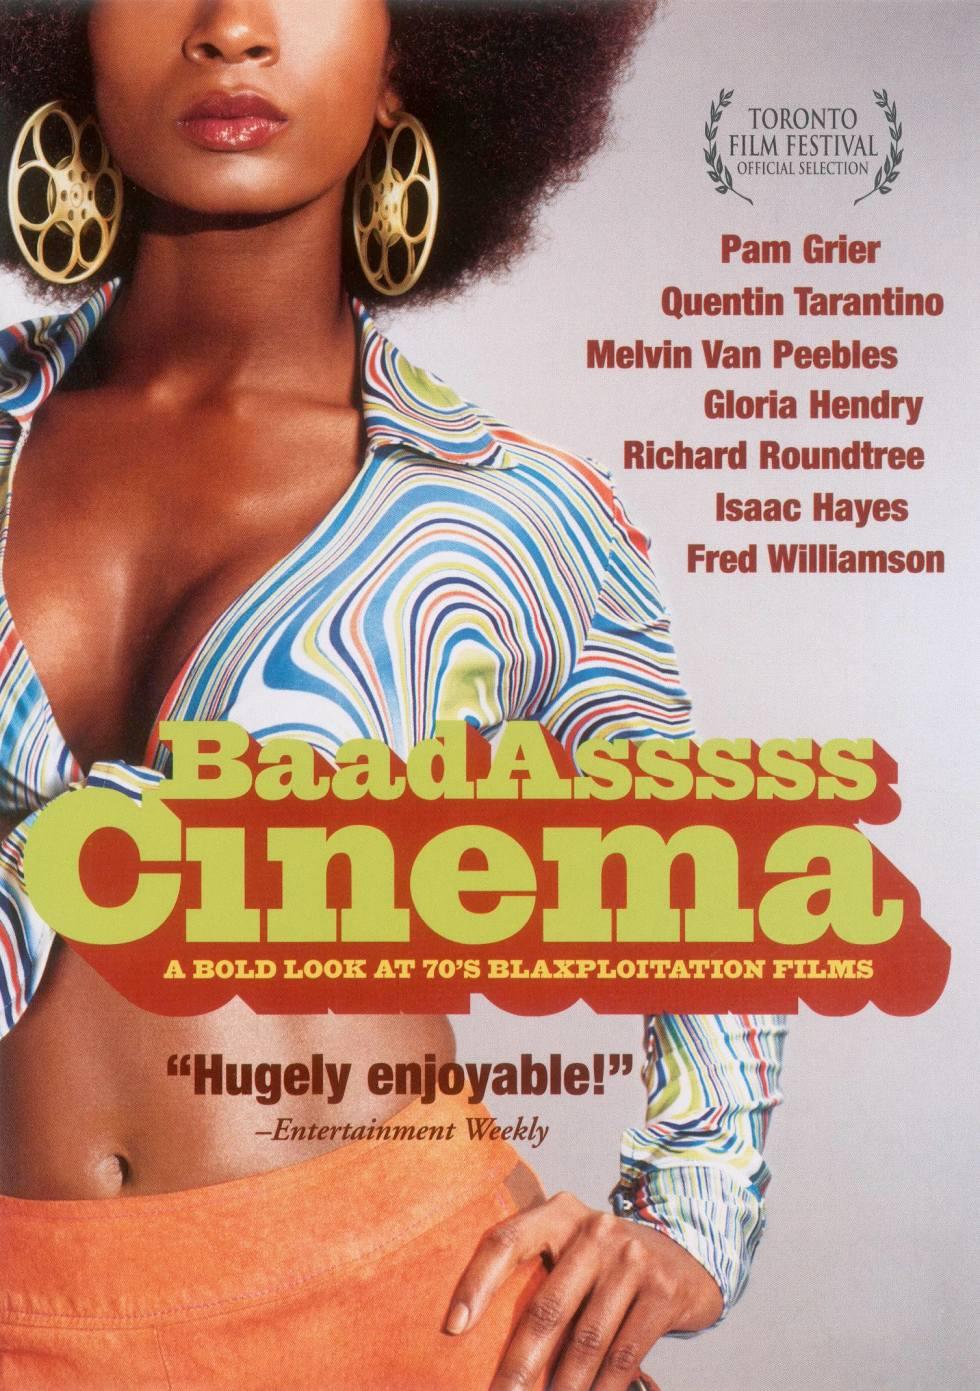 1.BAADASSSSS Cinema queer lisboa LGBT